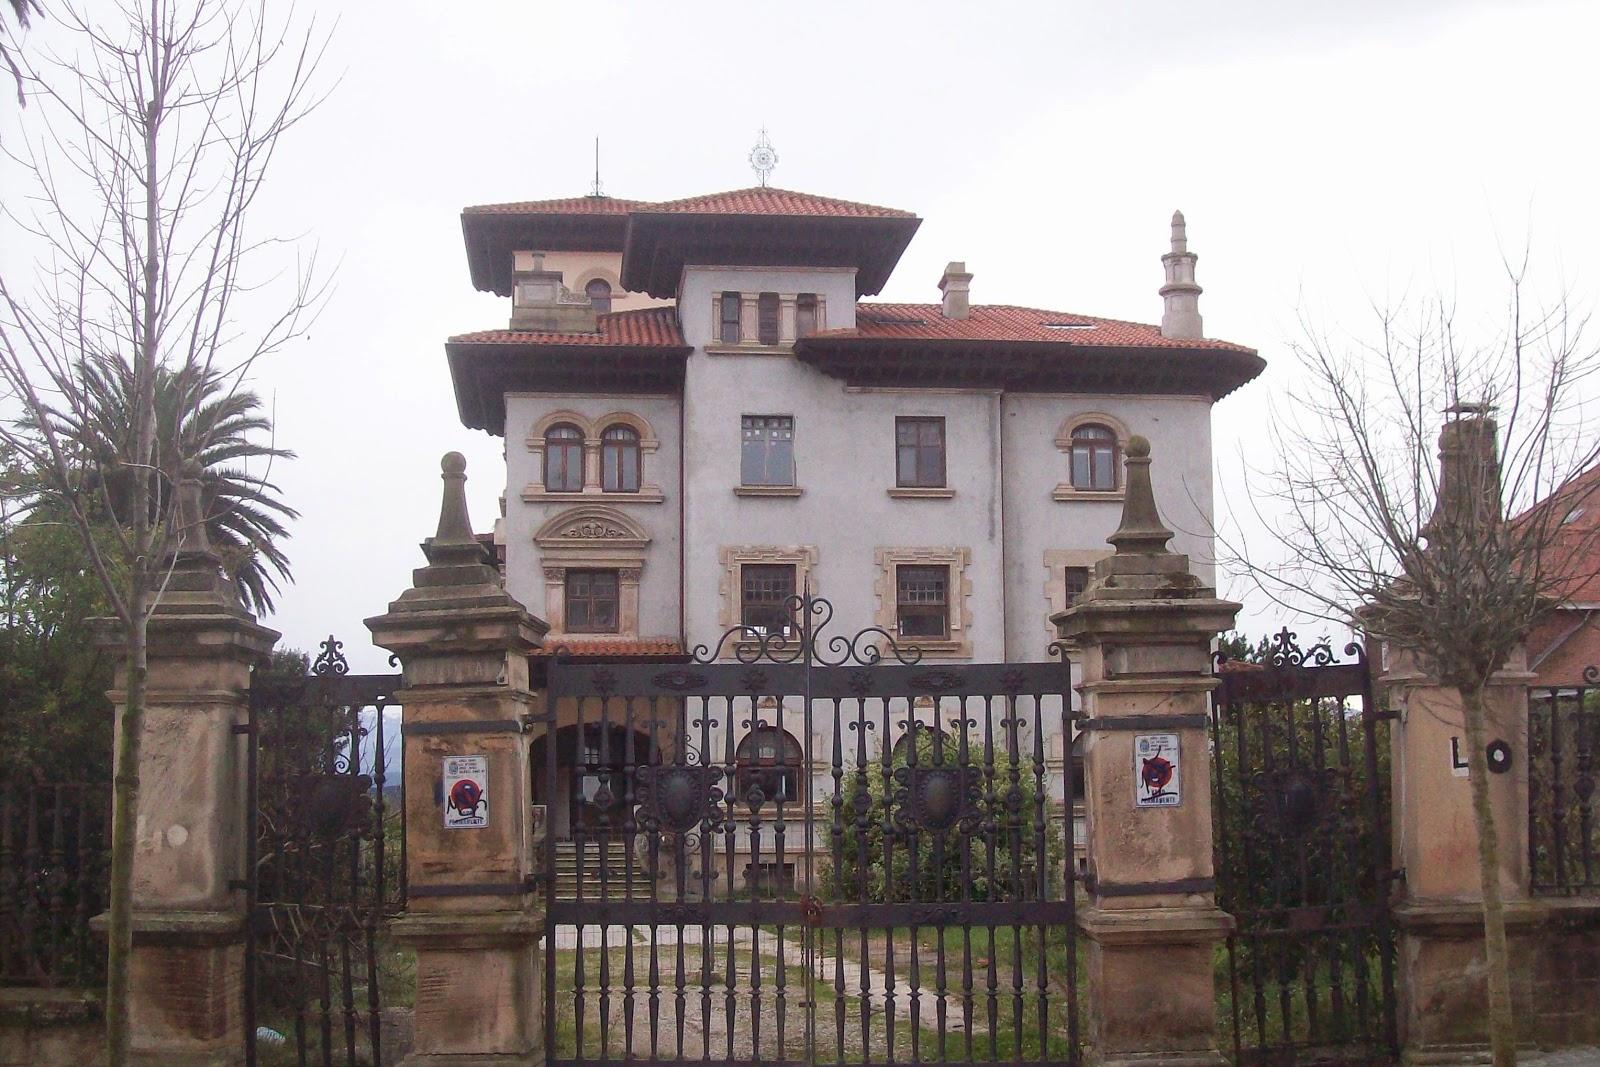 Escenas de santander casas singulares ii - Casas singulares madrid ...